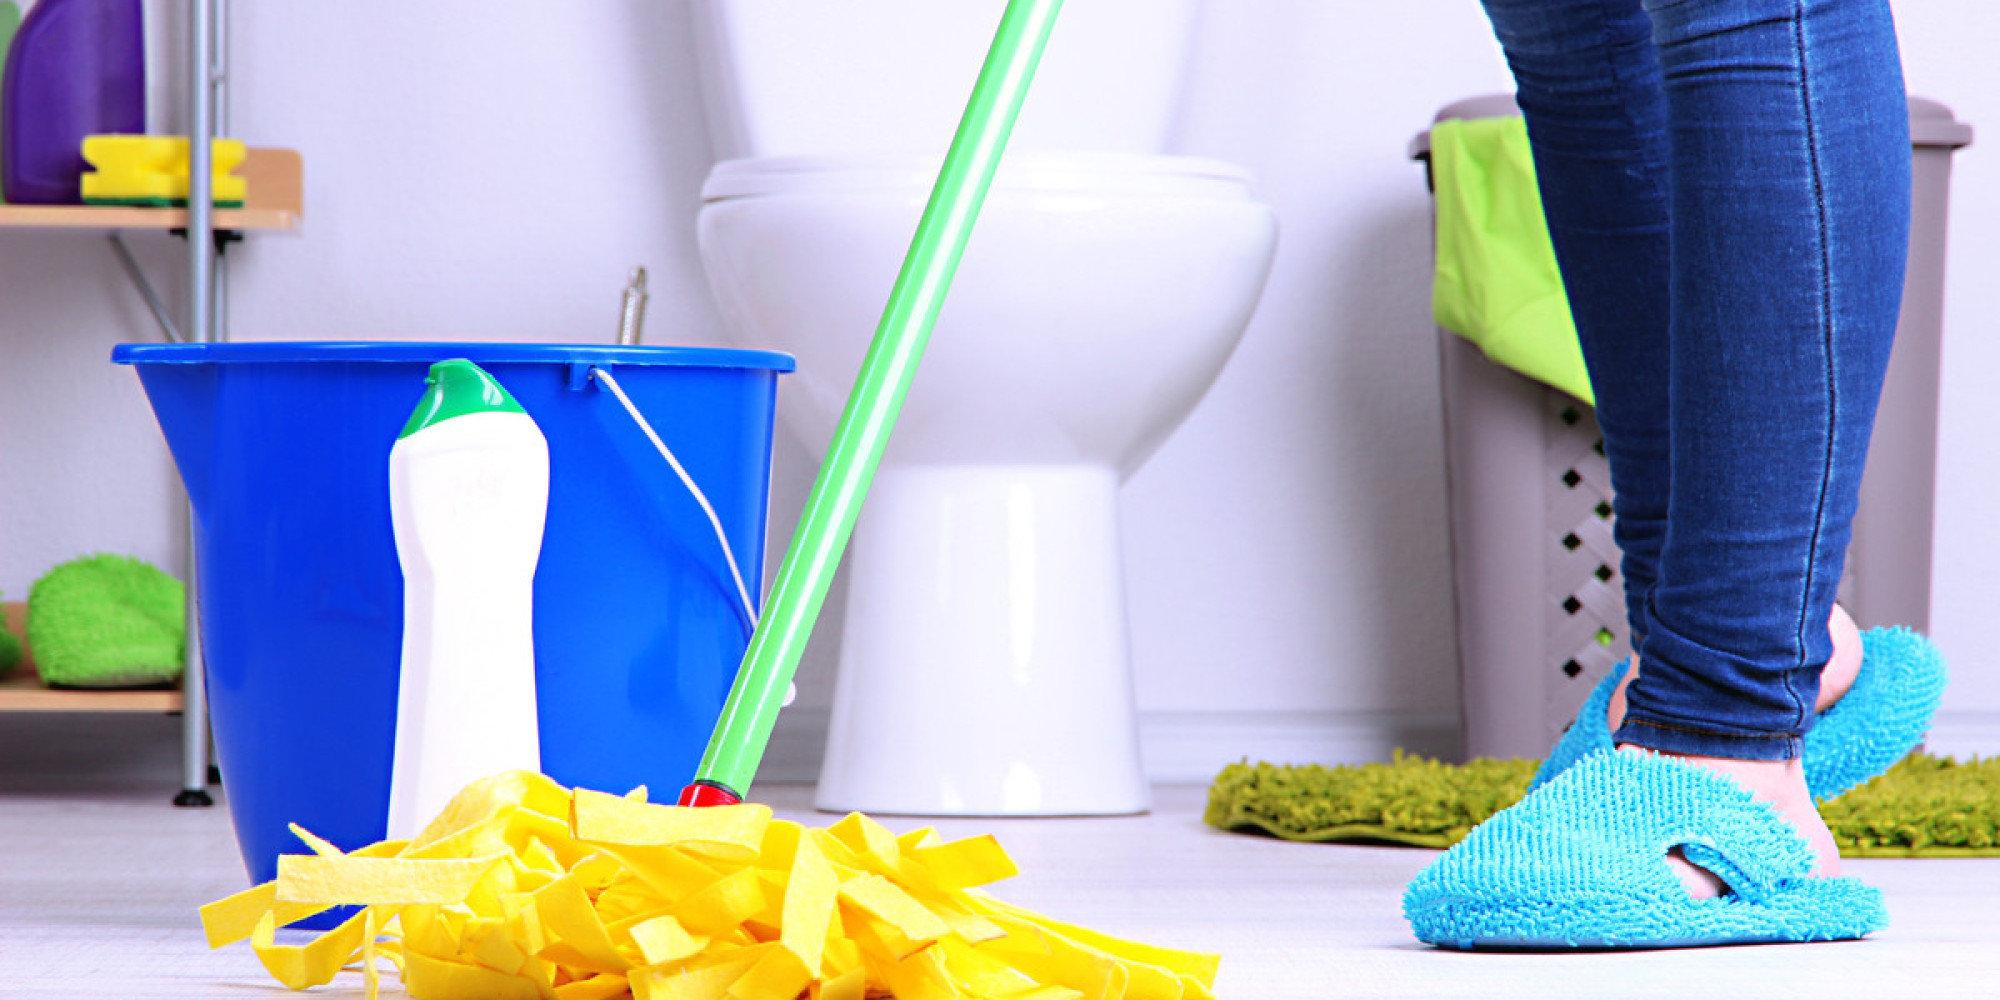 صوره شركة تنظيف منازل بالرياض , خبراء ومتخصصين من اجل نظافة منزلك بالرياض